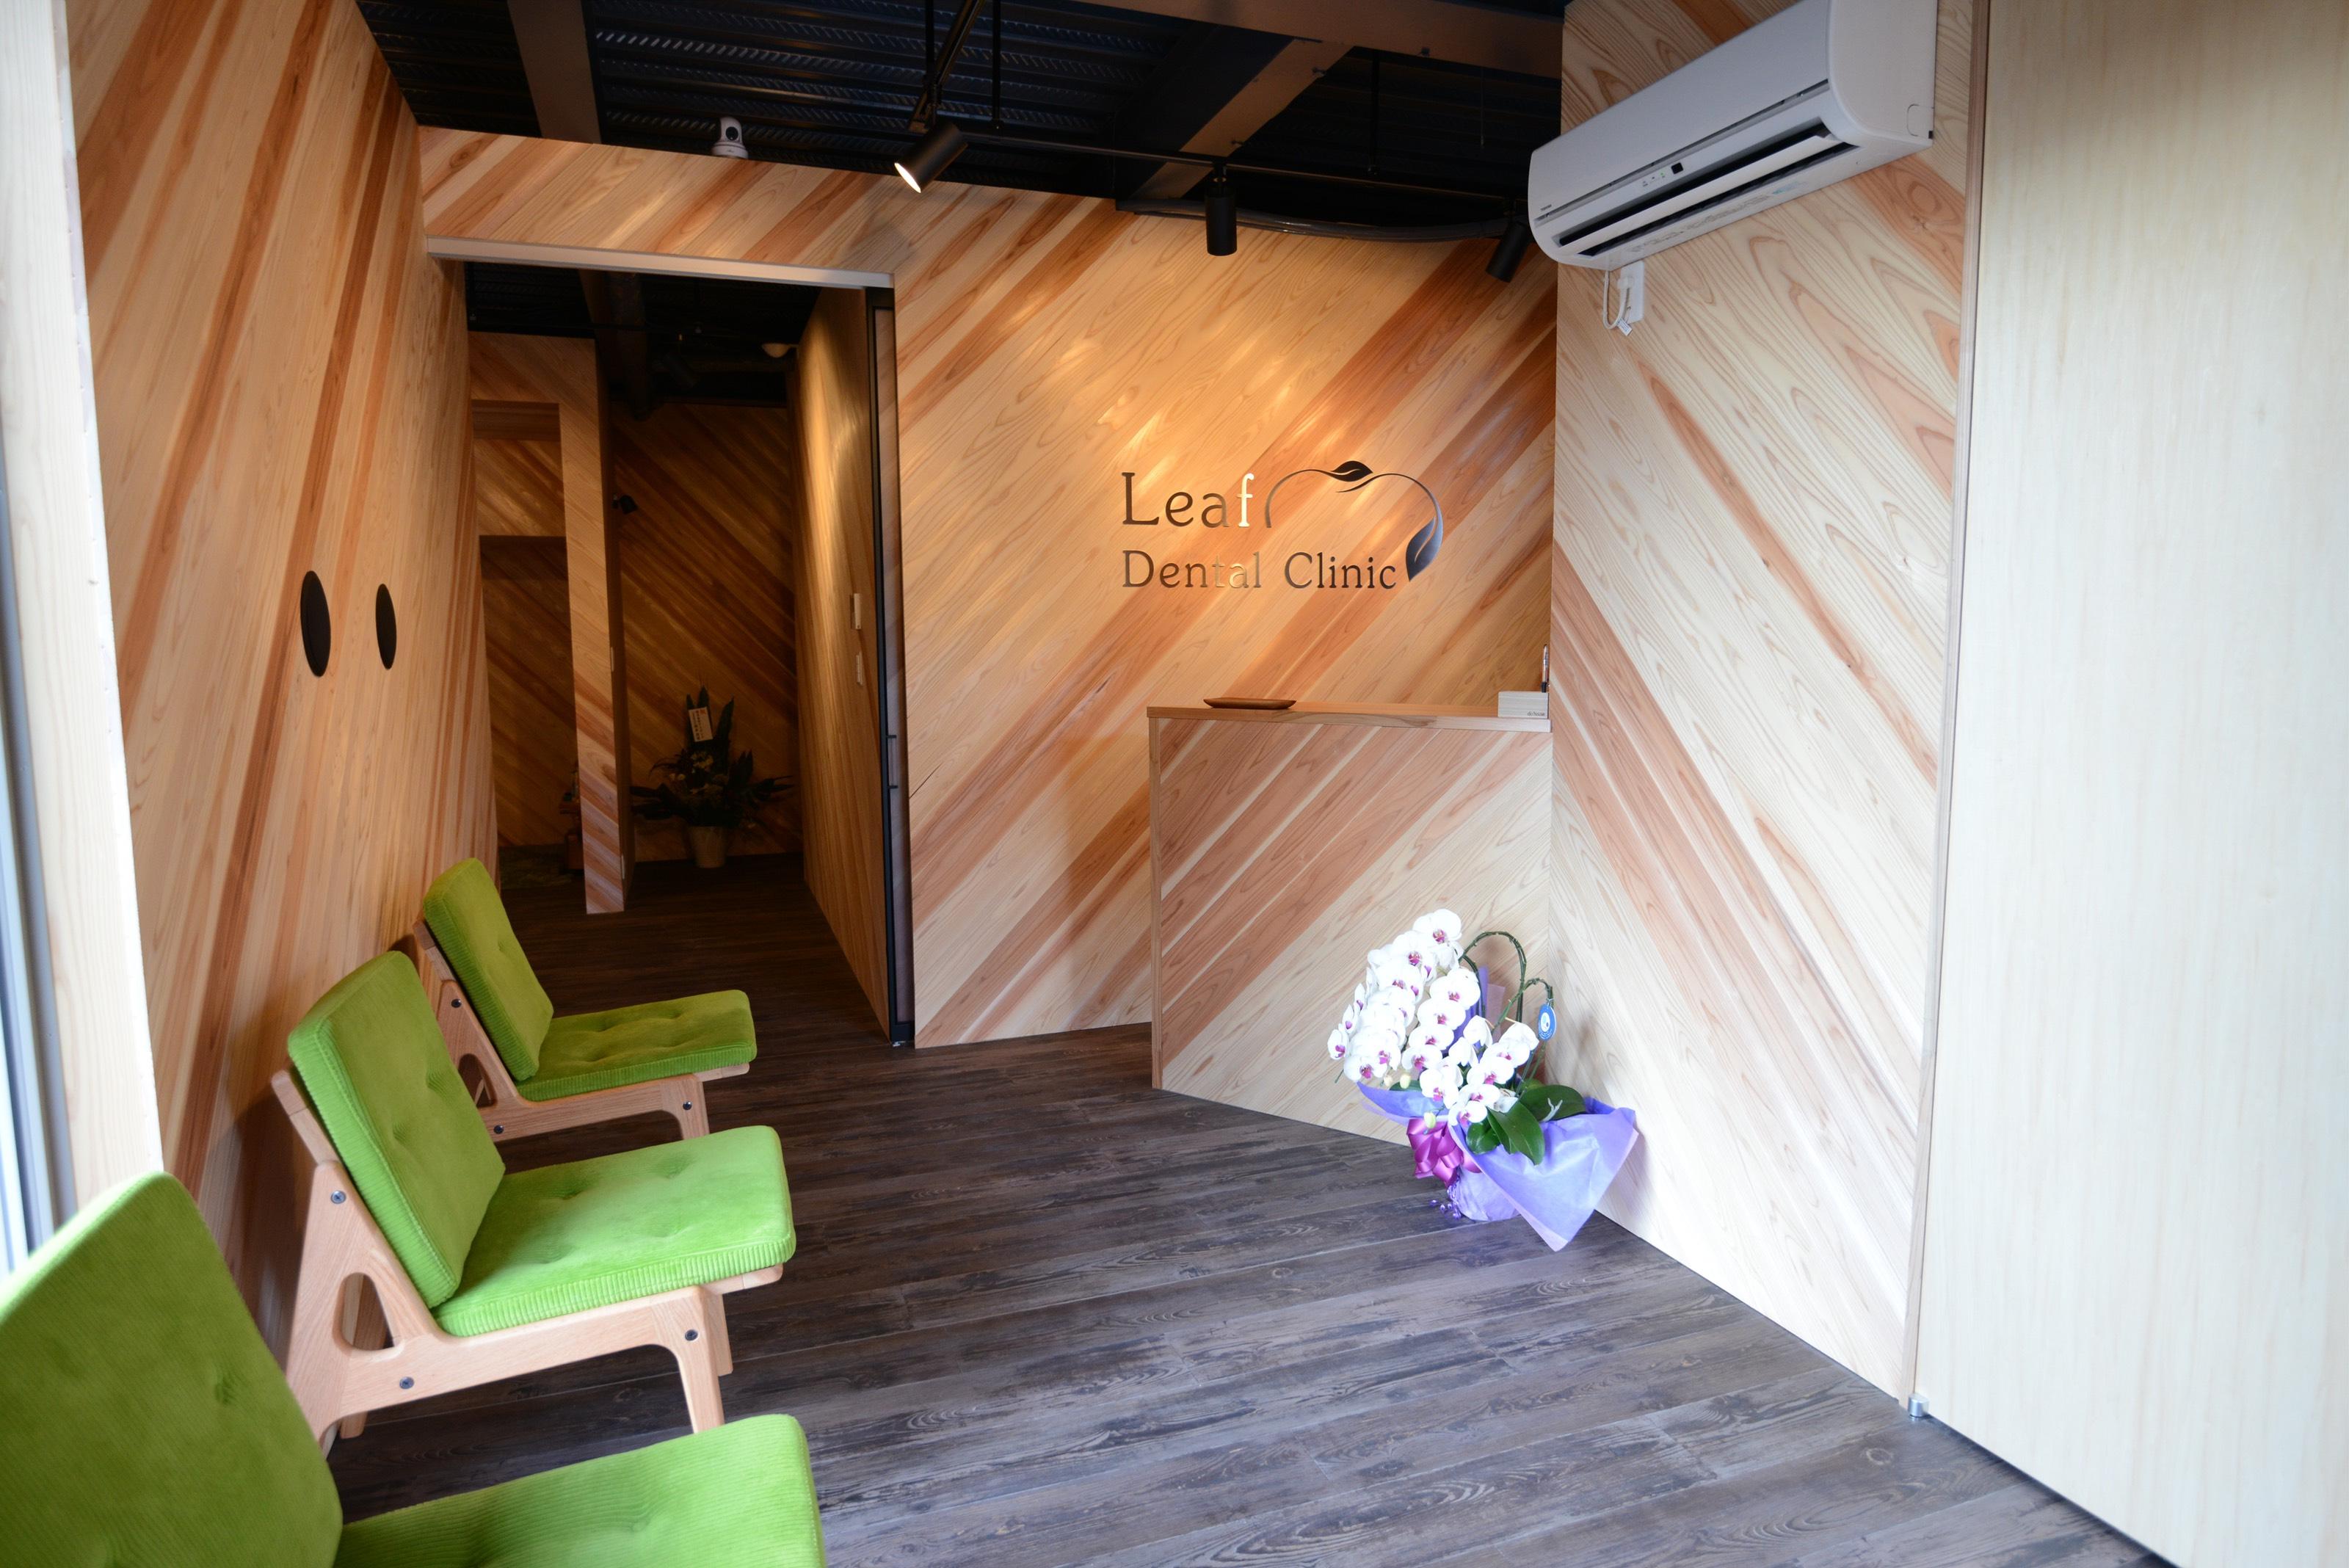 (医社)大内会 LeafDentalClinic